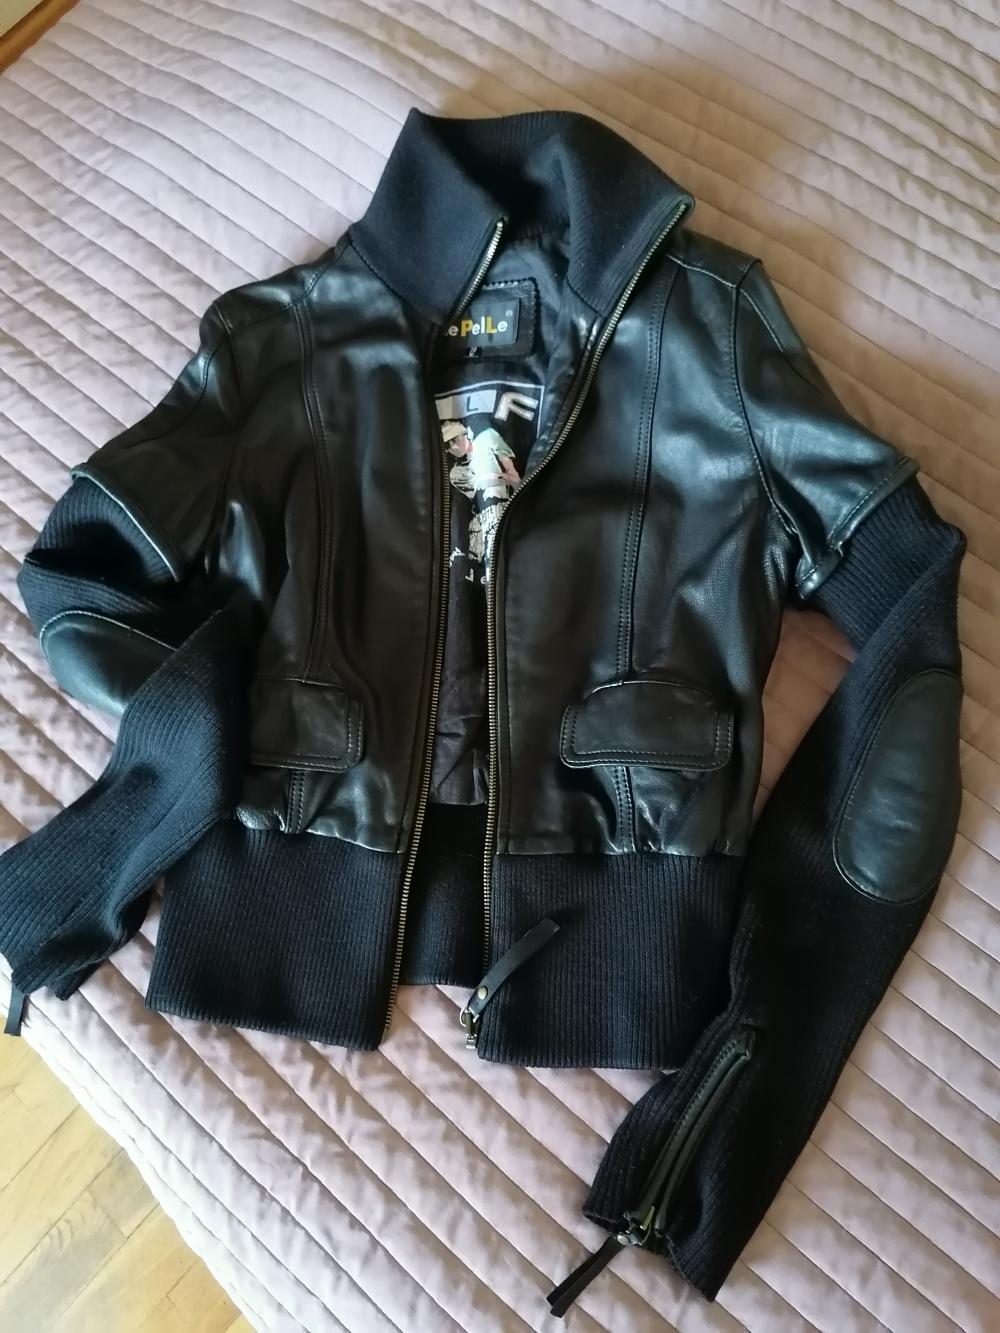 Кожаная куртка Le Pelle размер М